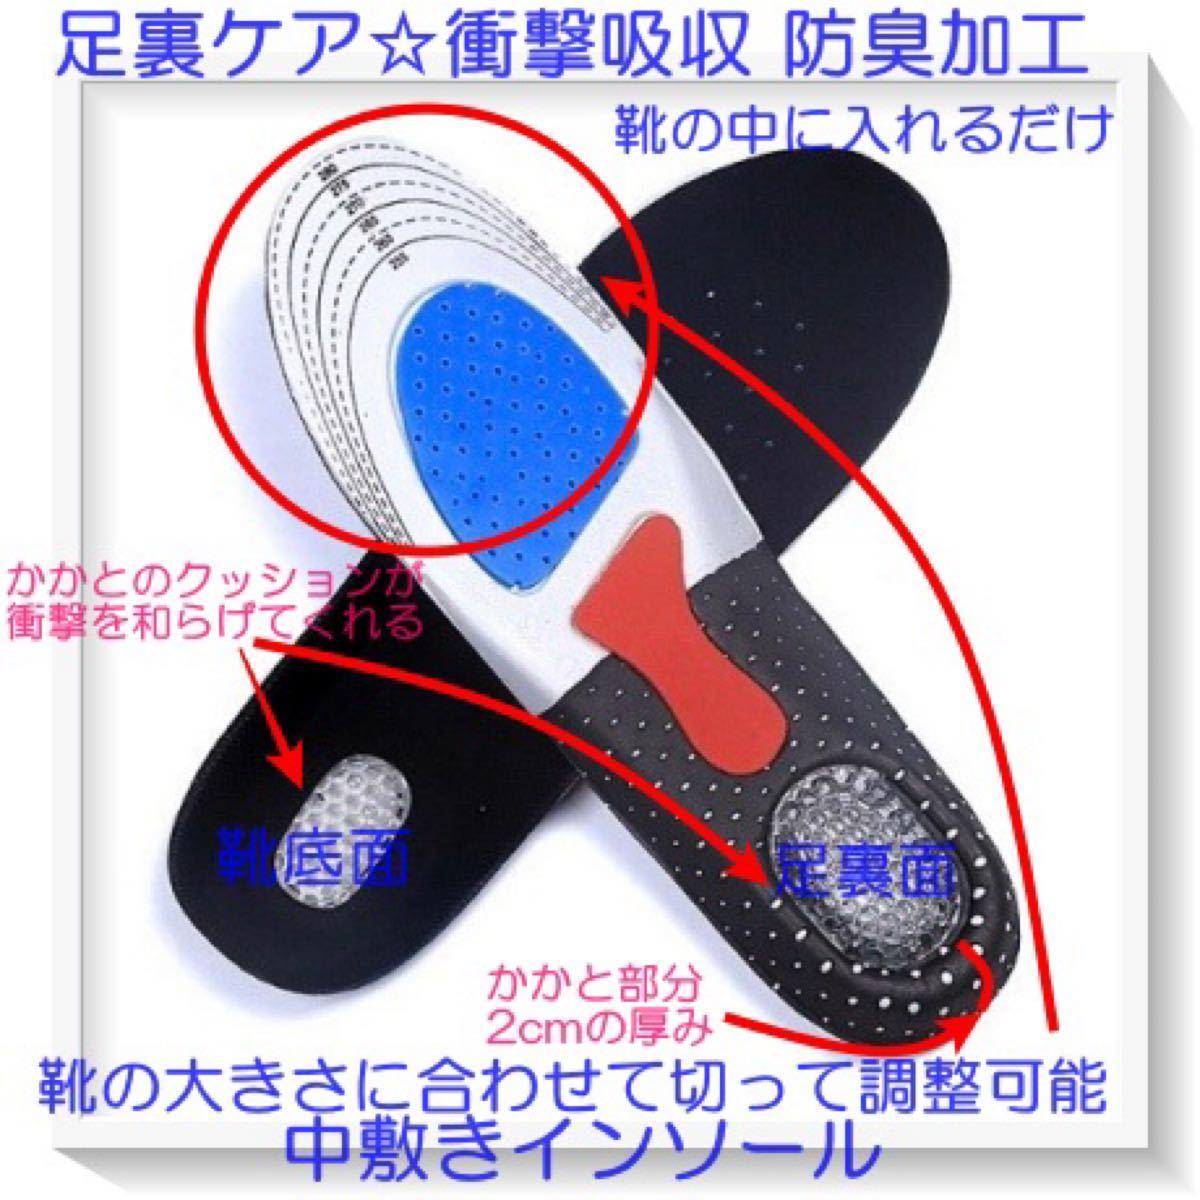 足裏ケア☆衝撃吸収 防臭加工 大サイズ 中敷きインソール ウォーキング 靴用具